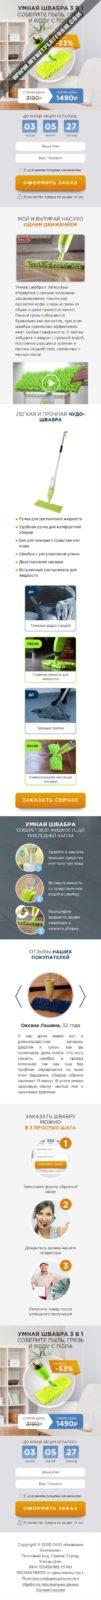 Скриншот Готового лендинга Умная швабра 3 в 1 001 - моб